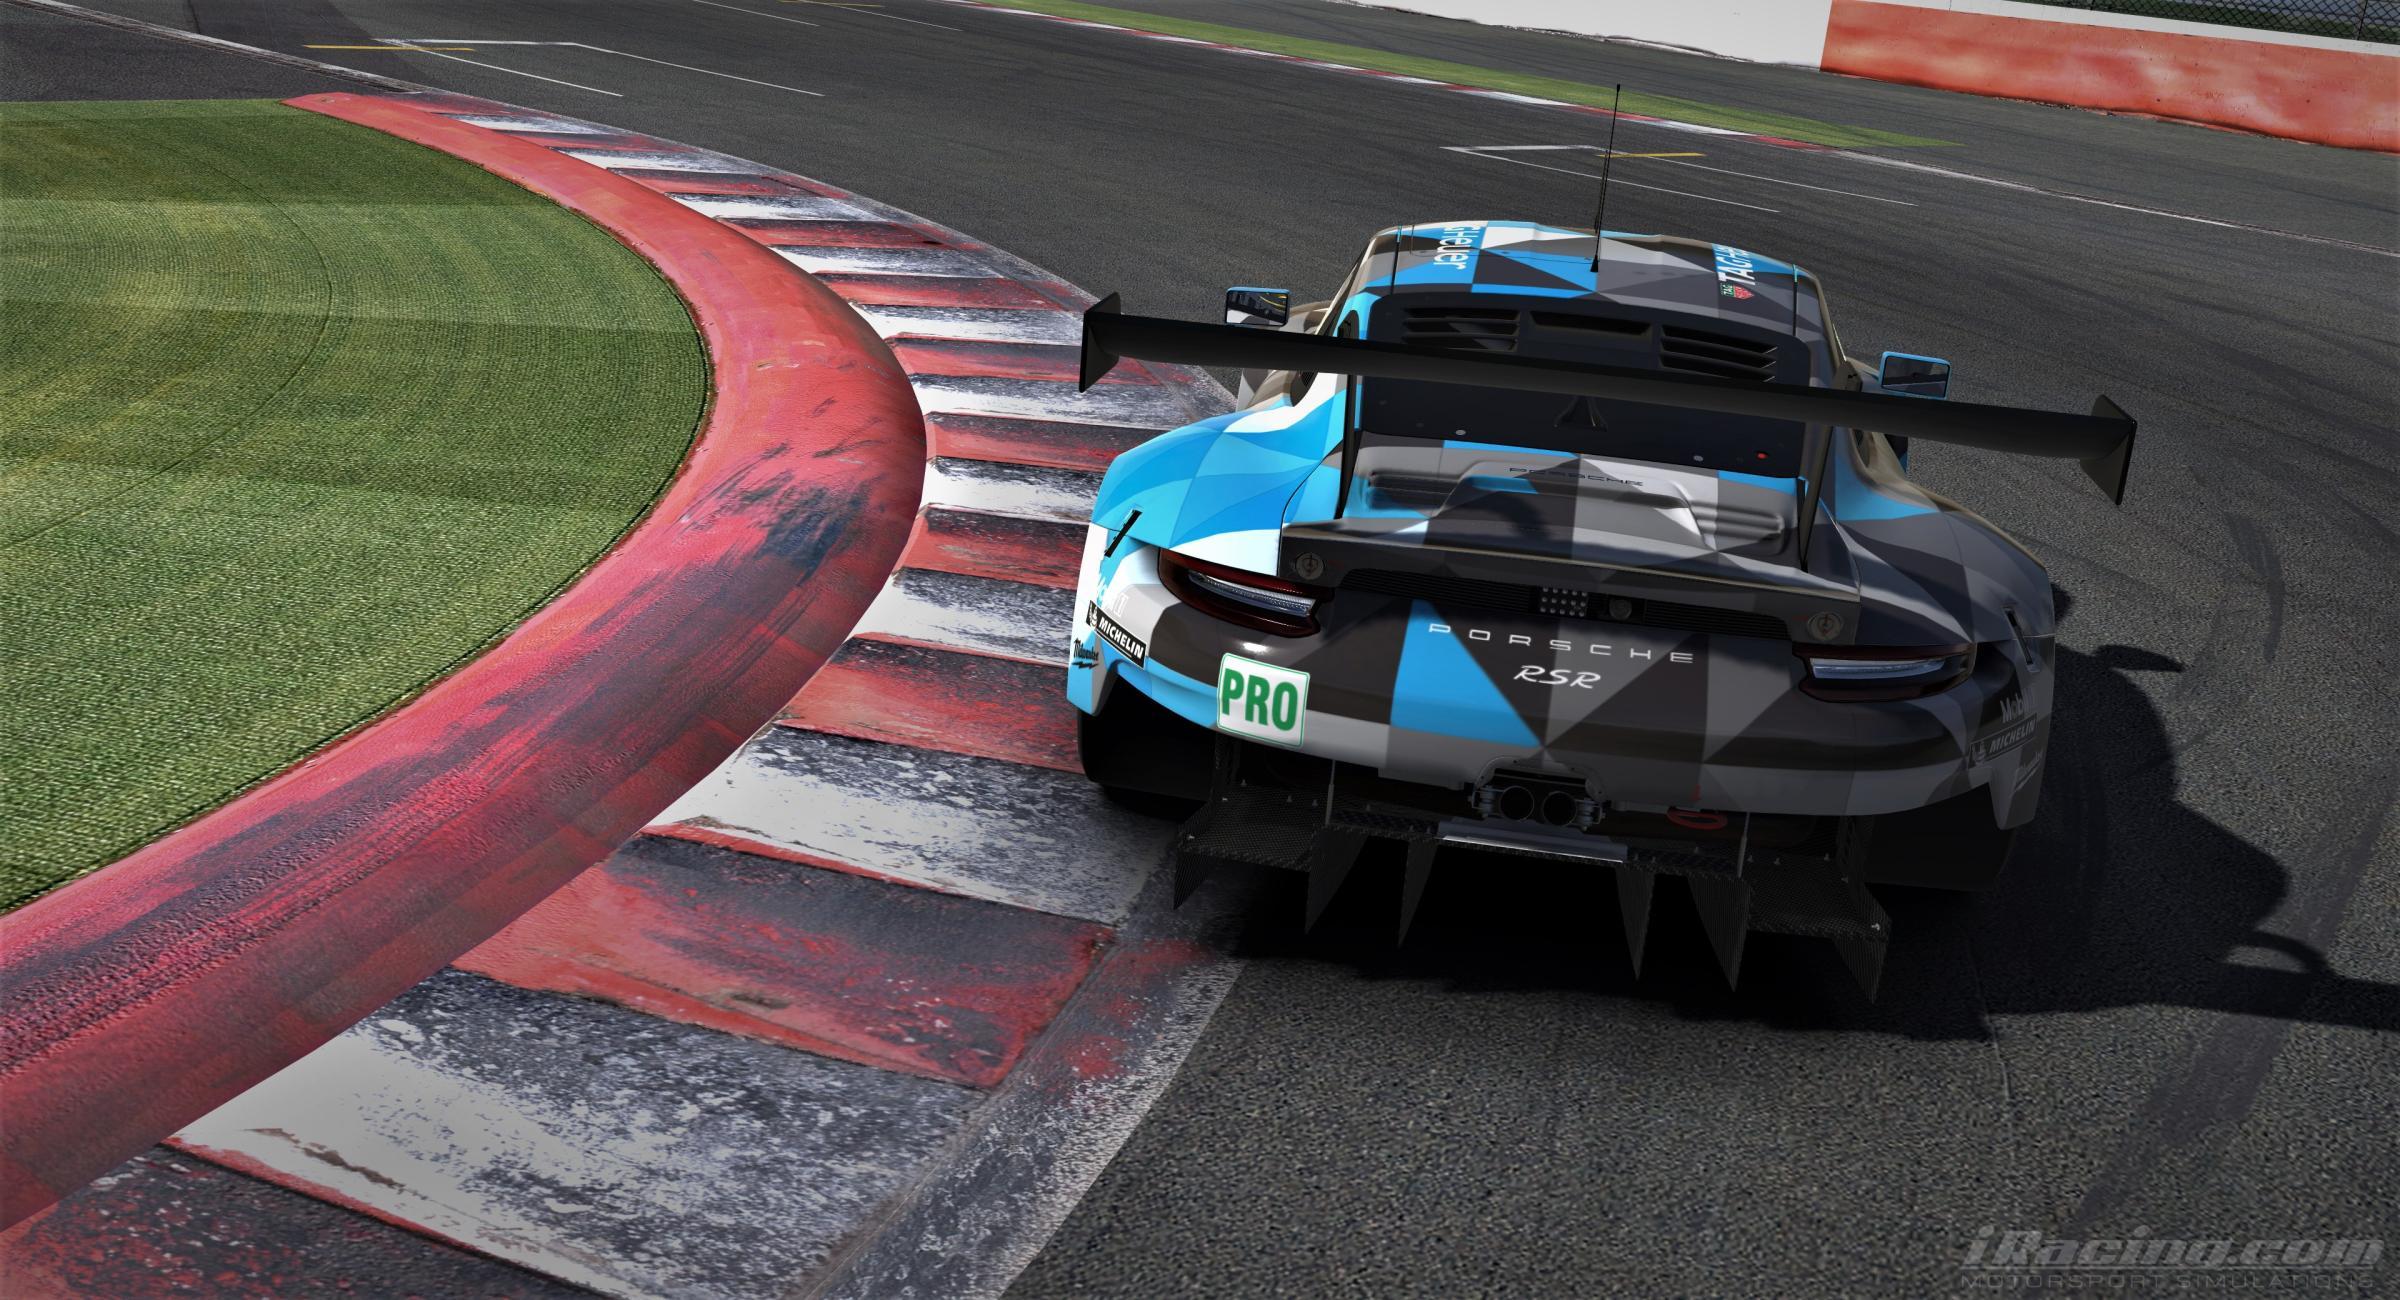 Preview of DEMPSEY PROTON RACING PORSCHE 911 RSR BLUE by Yuji Asakawa